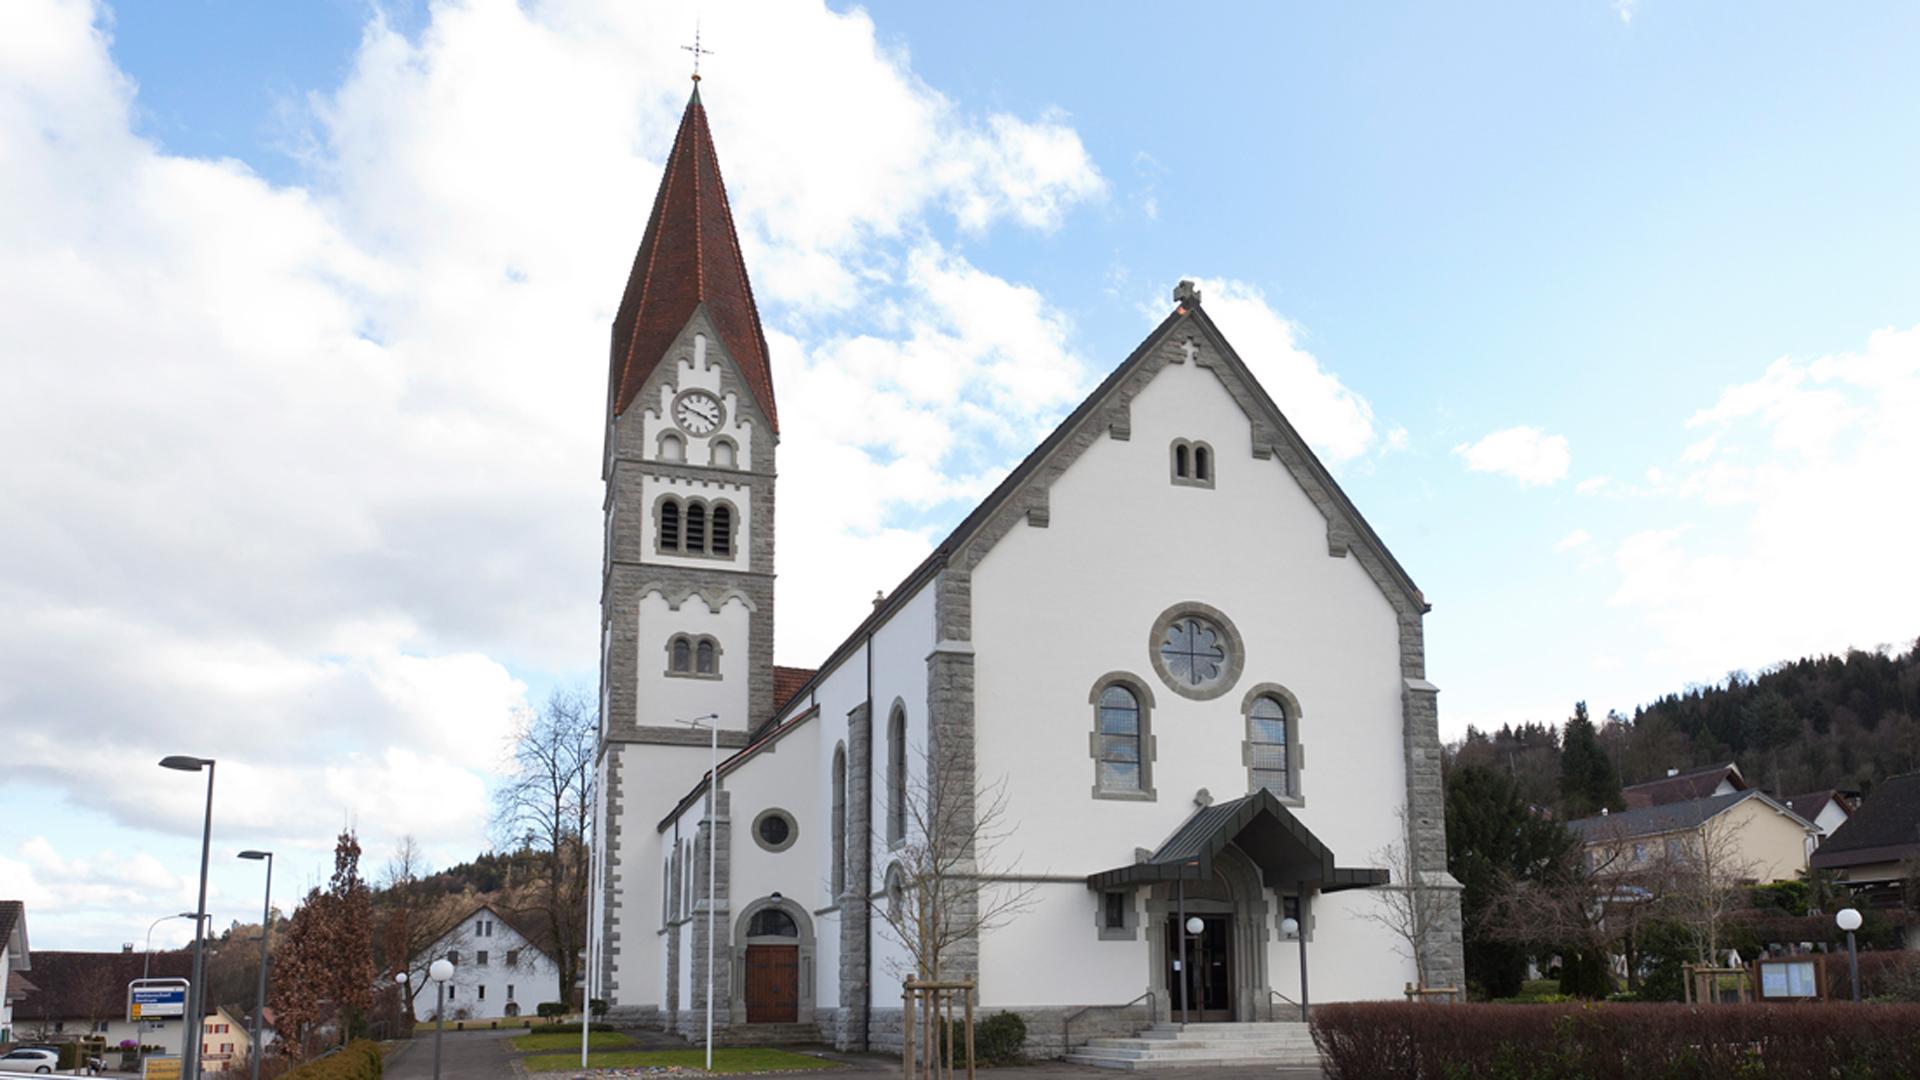 Wohlenschwil-Mägenwil, St. Leodegar | © Roger Wehrli